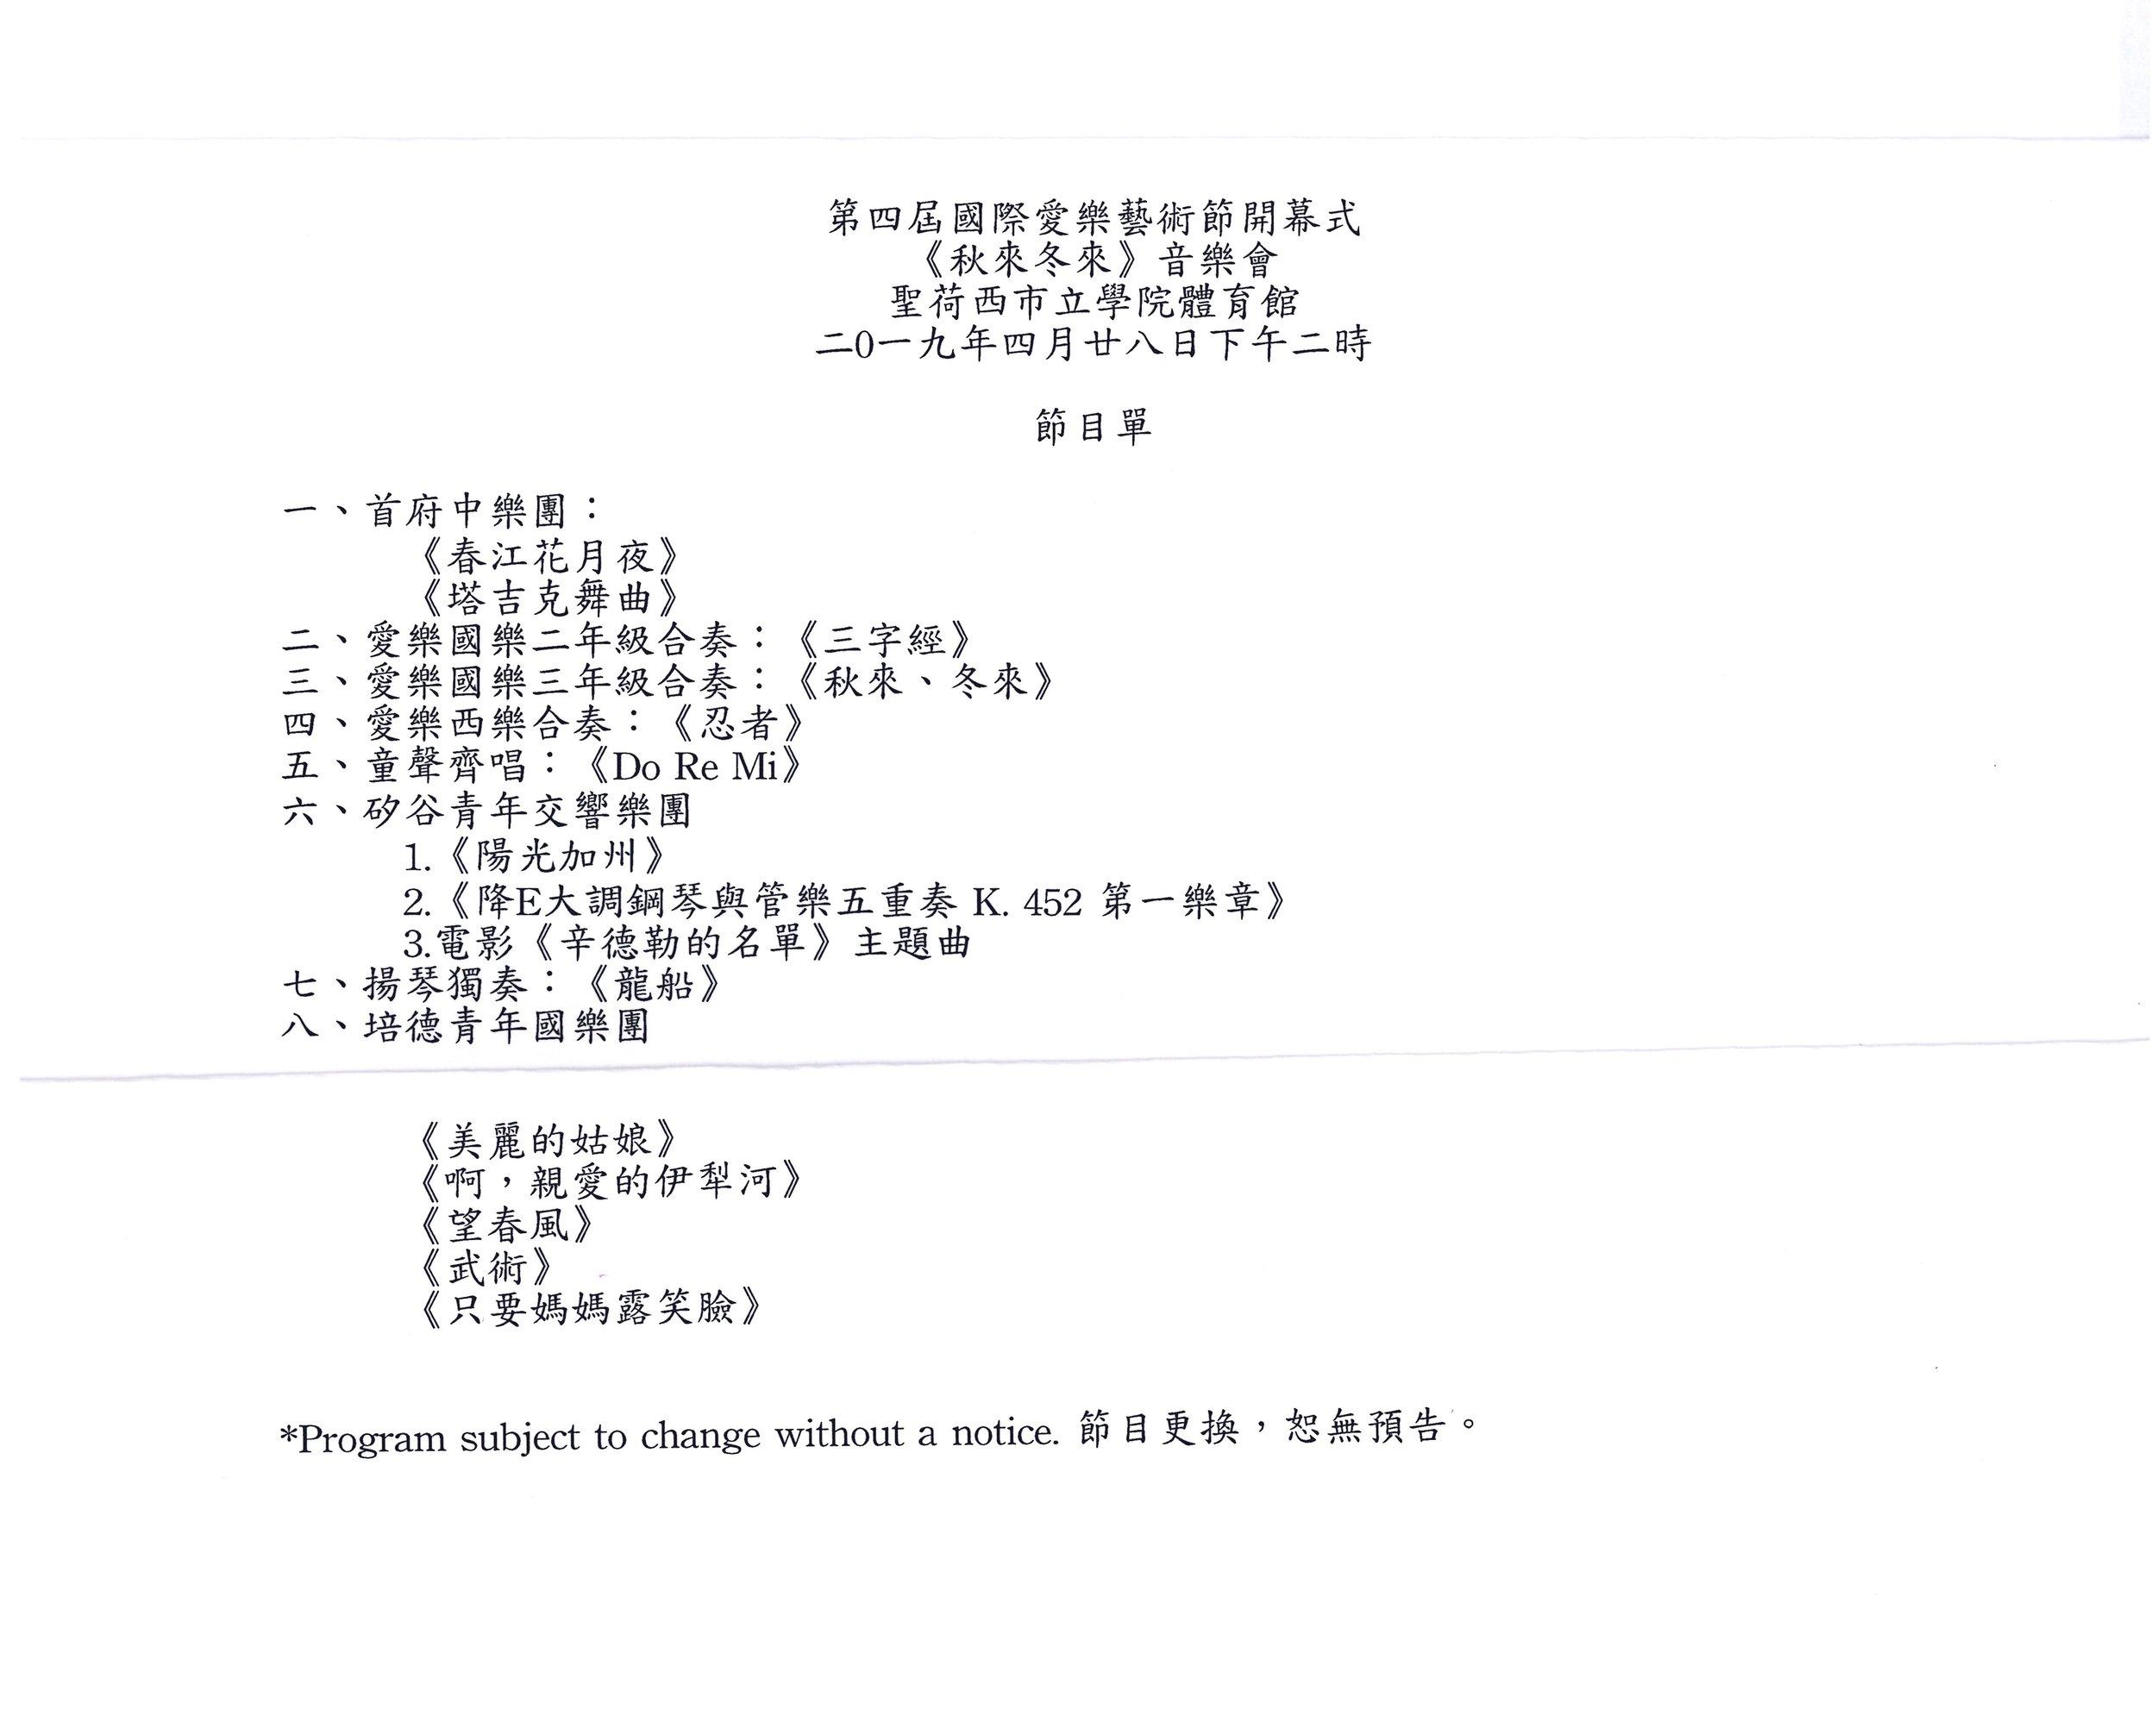 PROGRAM CHINESE.jpg